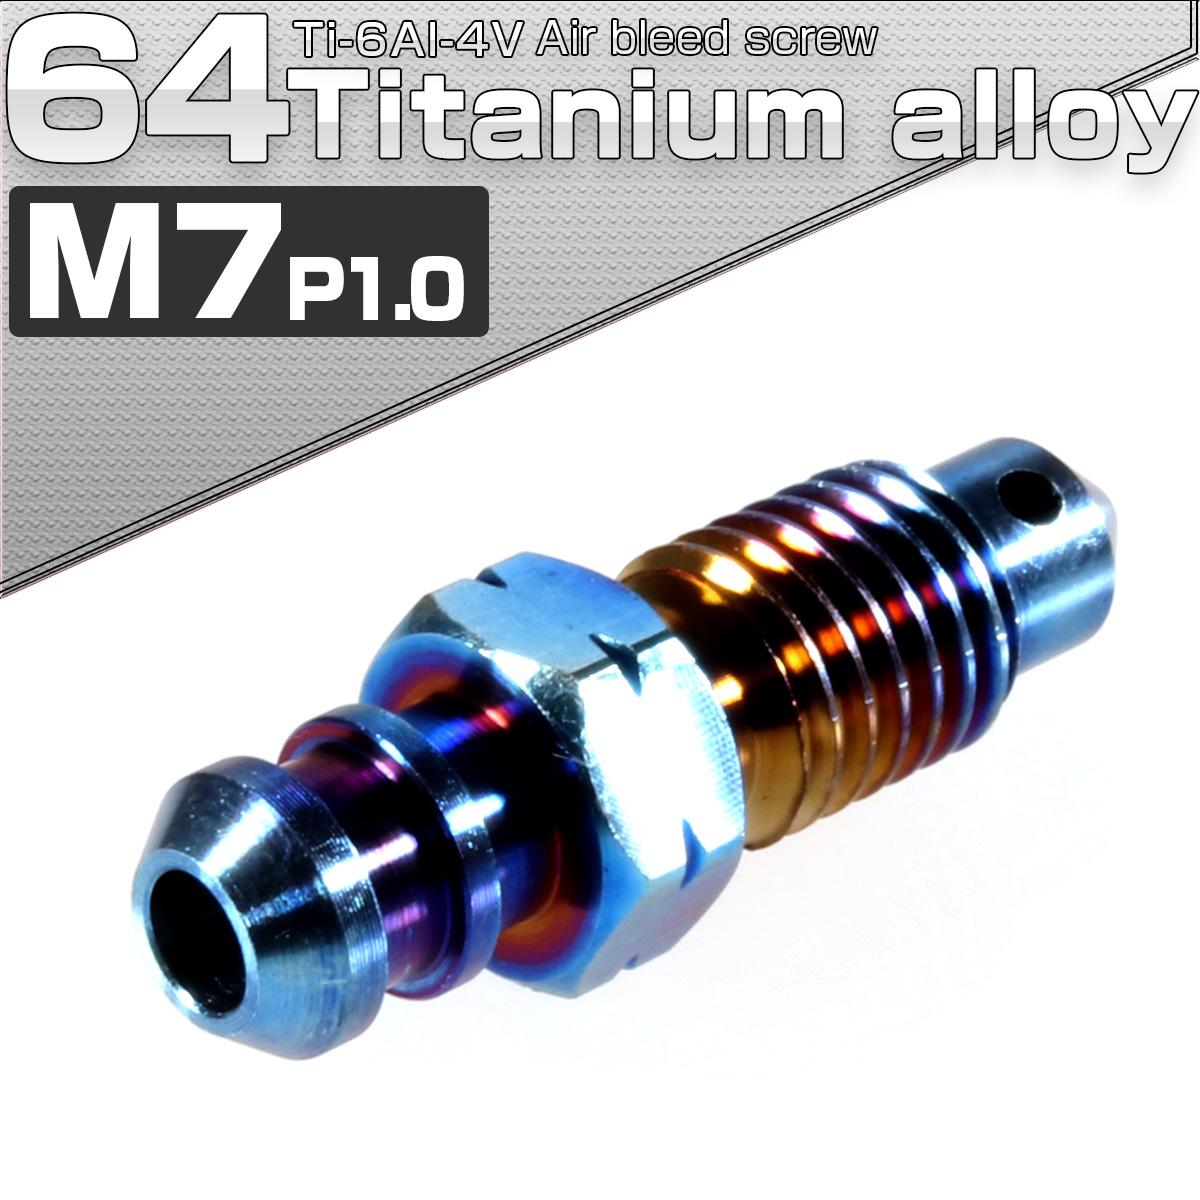 64チタン エアブリード スクリュー M7 P1.00 焼きチタンカラー エアブリーダー バルブ JA080